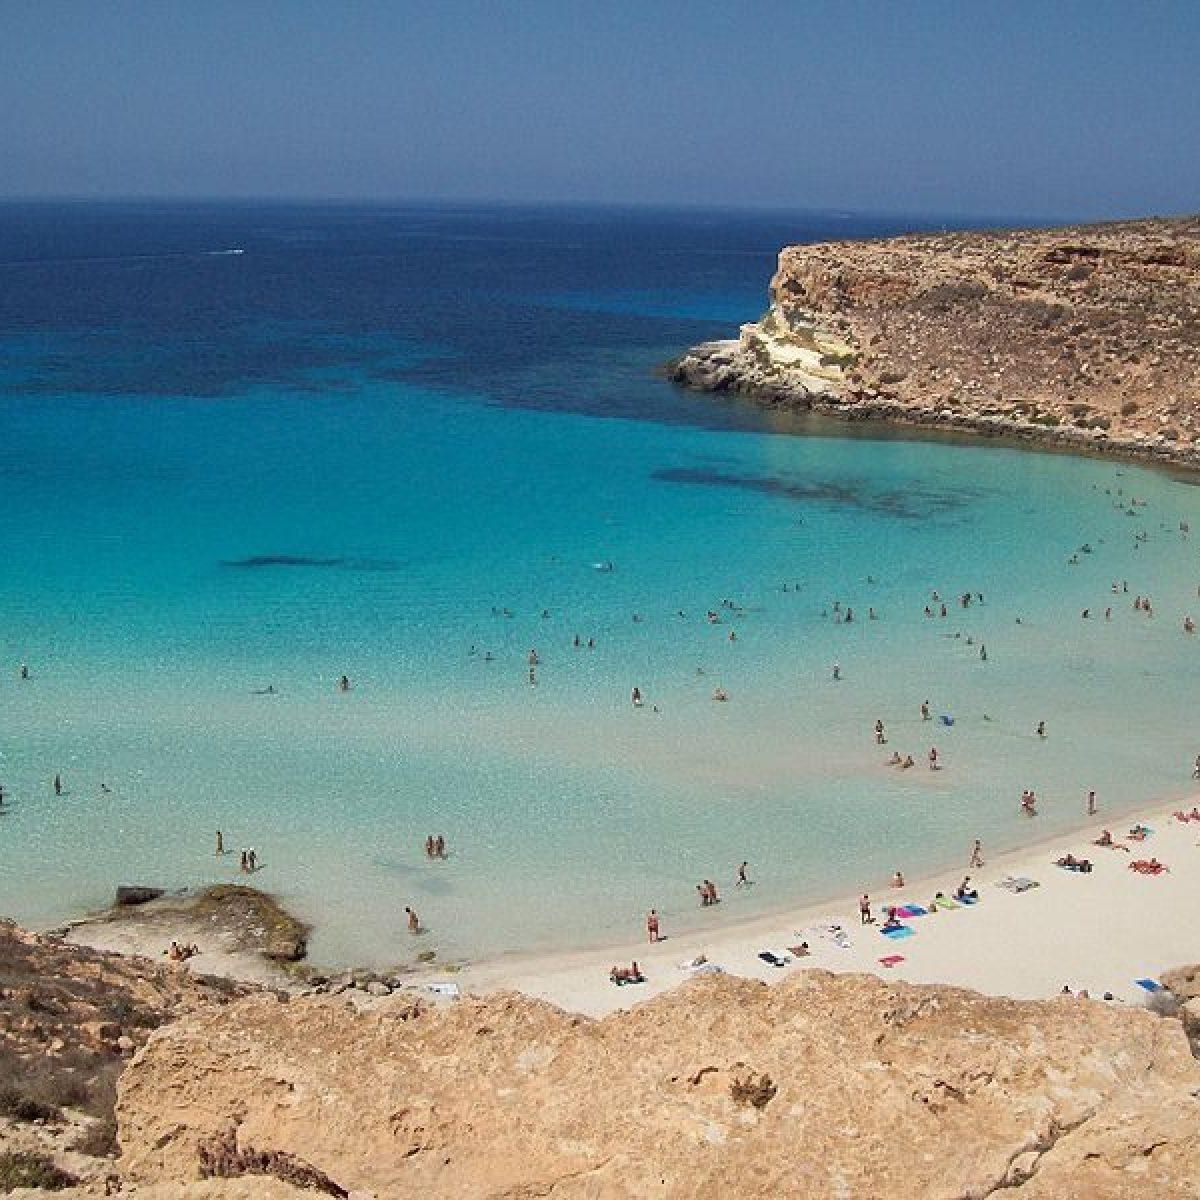 Matrimonio In Spiaggia Lampedusa : La spiaggia più bella d italia si trova in sicilia lo dice